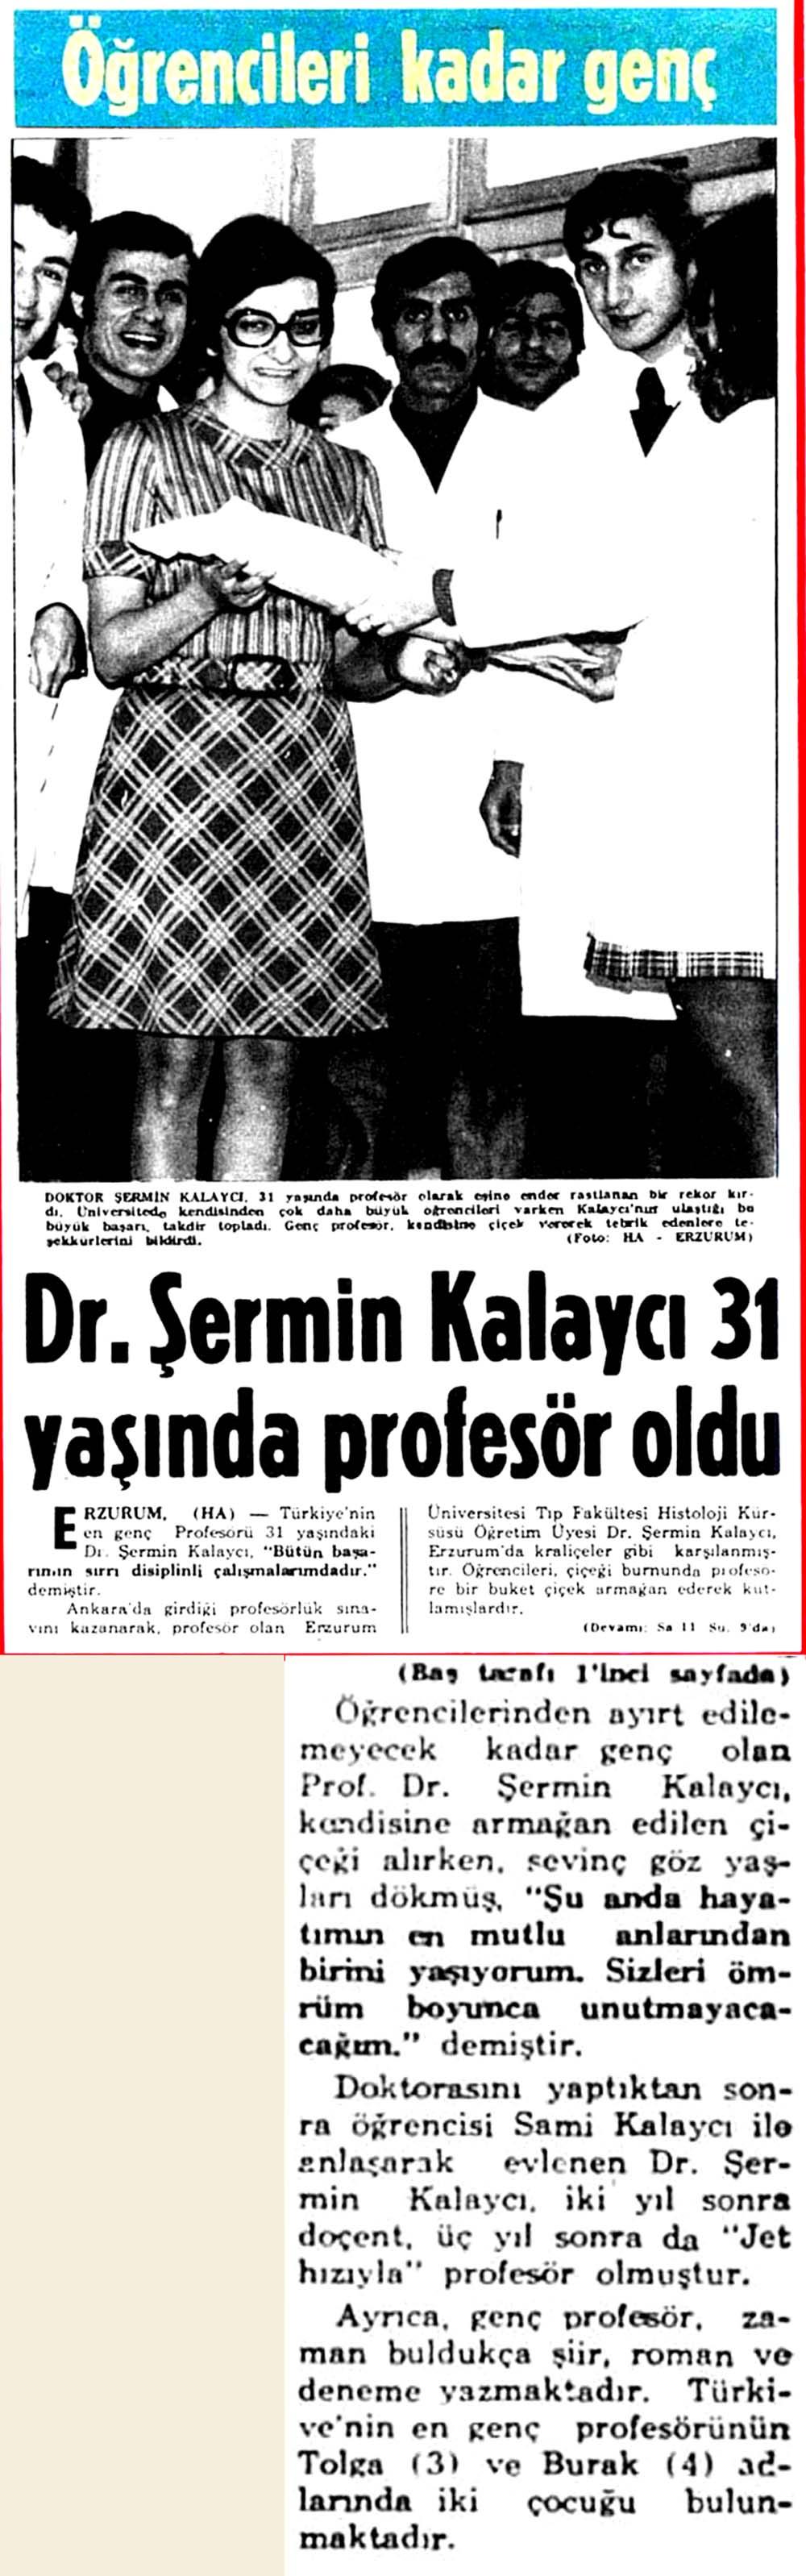 Dr.Şermin Kalaycı 31 yaşında profesör oldu